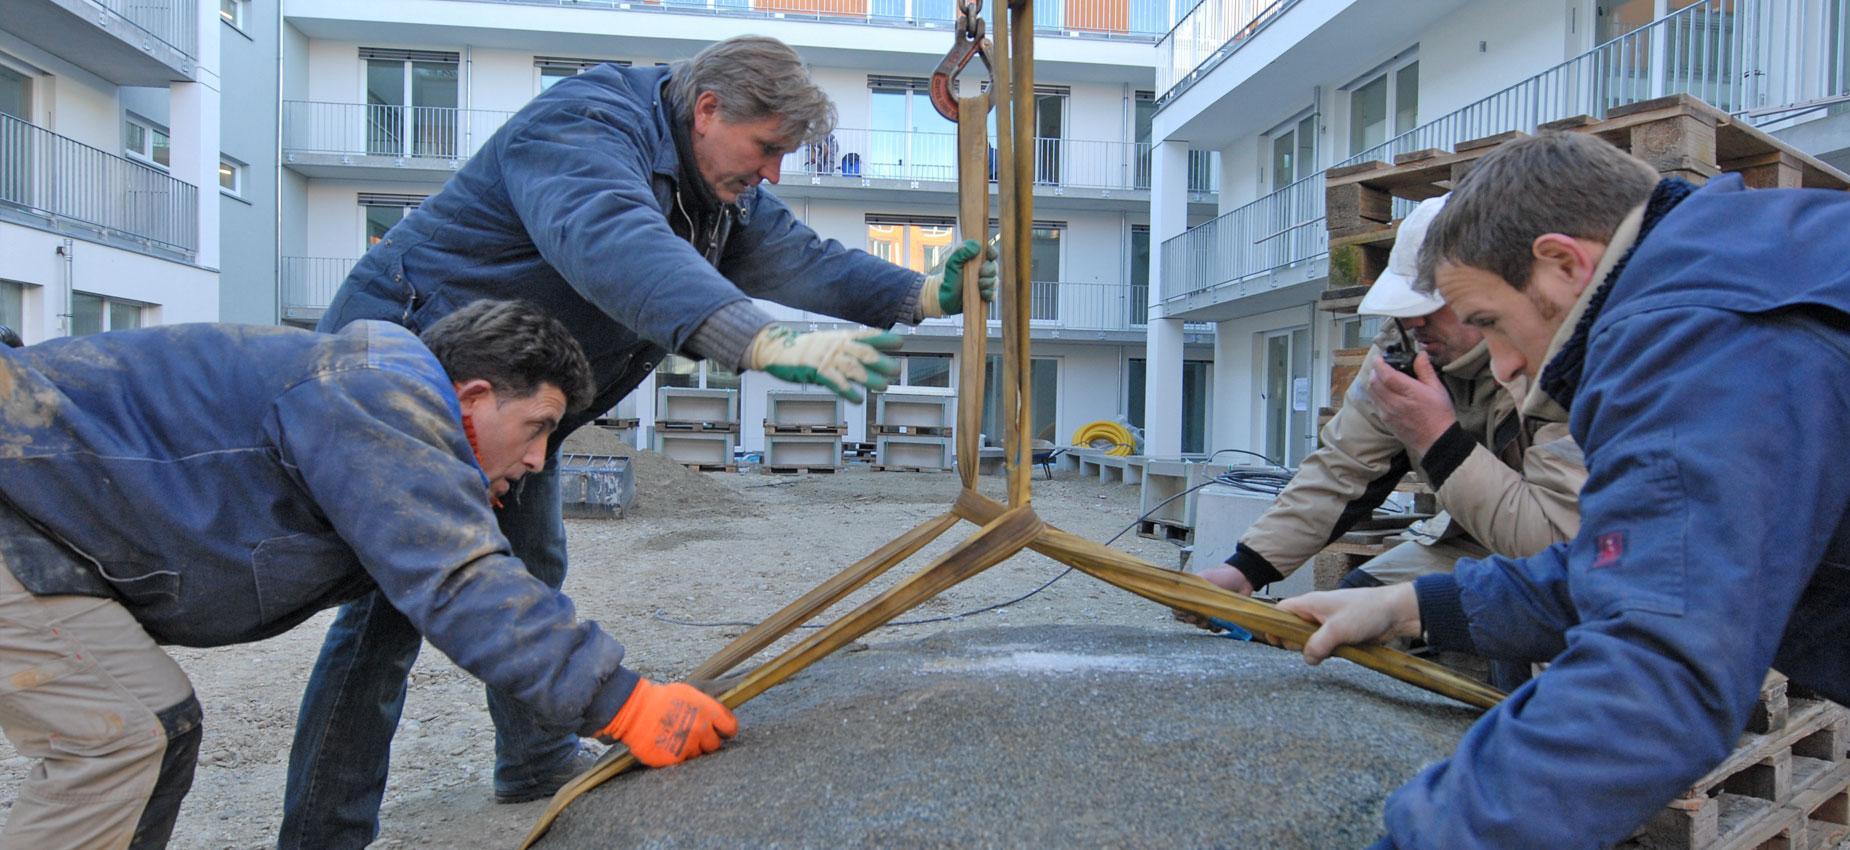 Bauarbeiter beim Anheben und Versetzen eines Steins für die Gestaltung der Außenanlagen der studiosus Studentenapartments in München